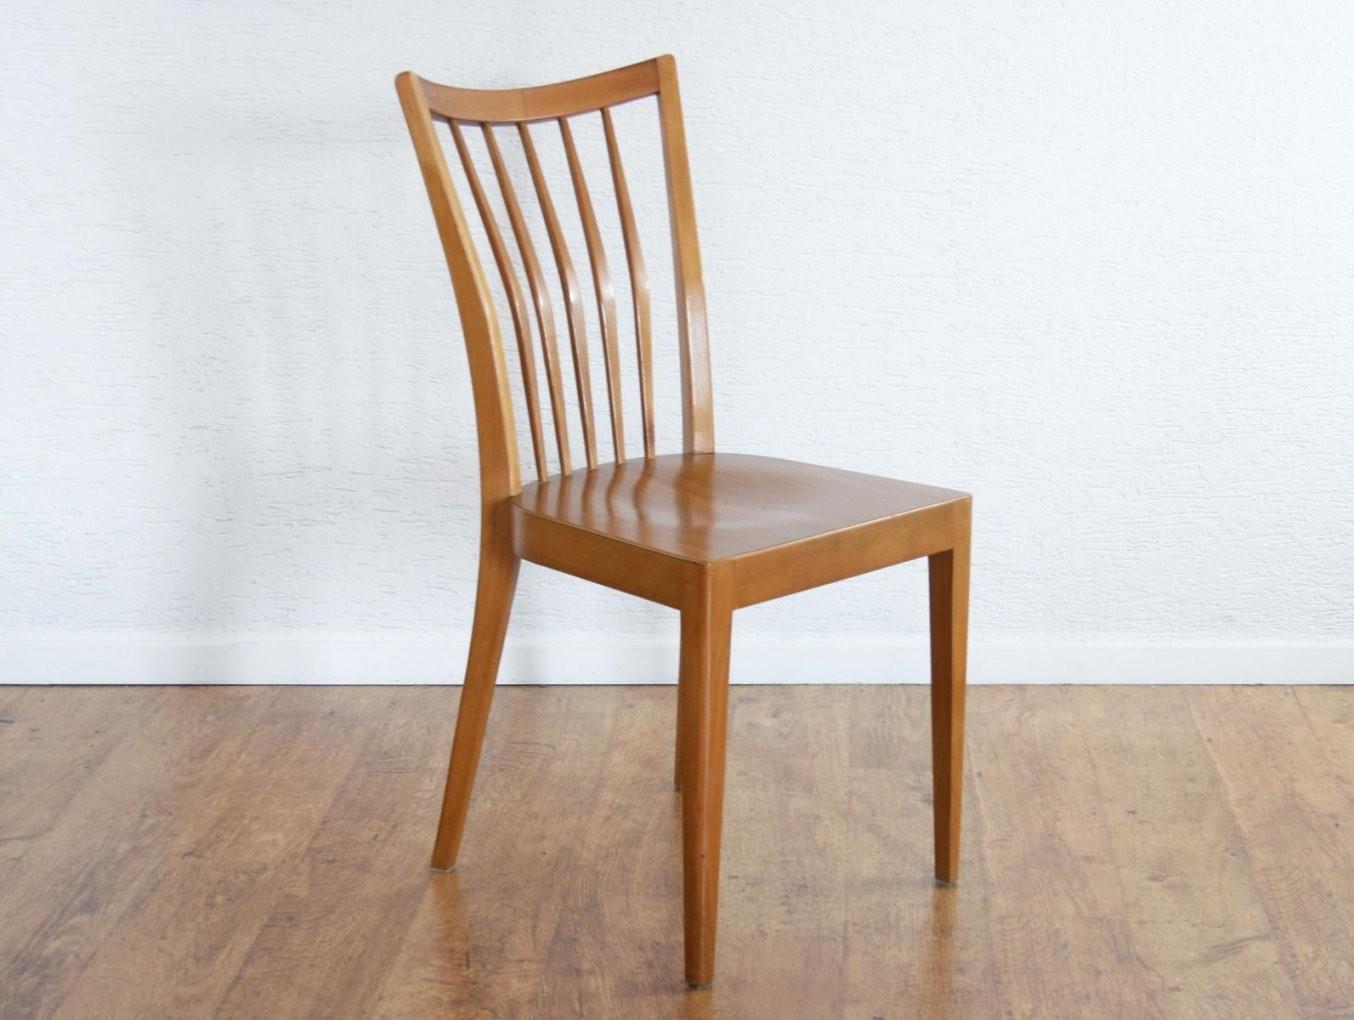 Skandinavische Vintage Stühle 2Er Set Bei Pamono Kaufen Beliebt von Skandinavische Stühle Günstig Bild